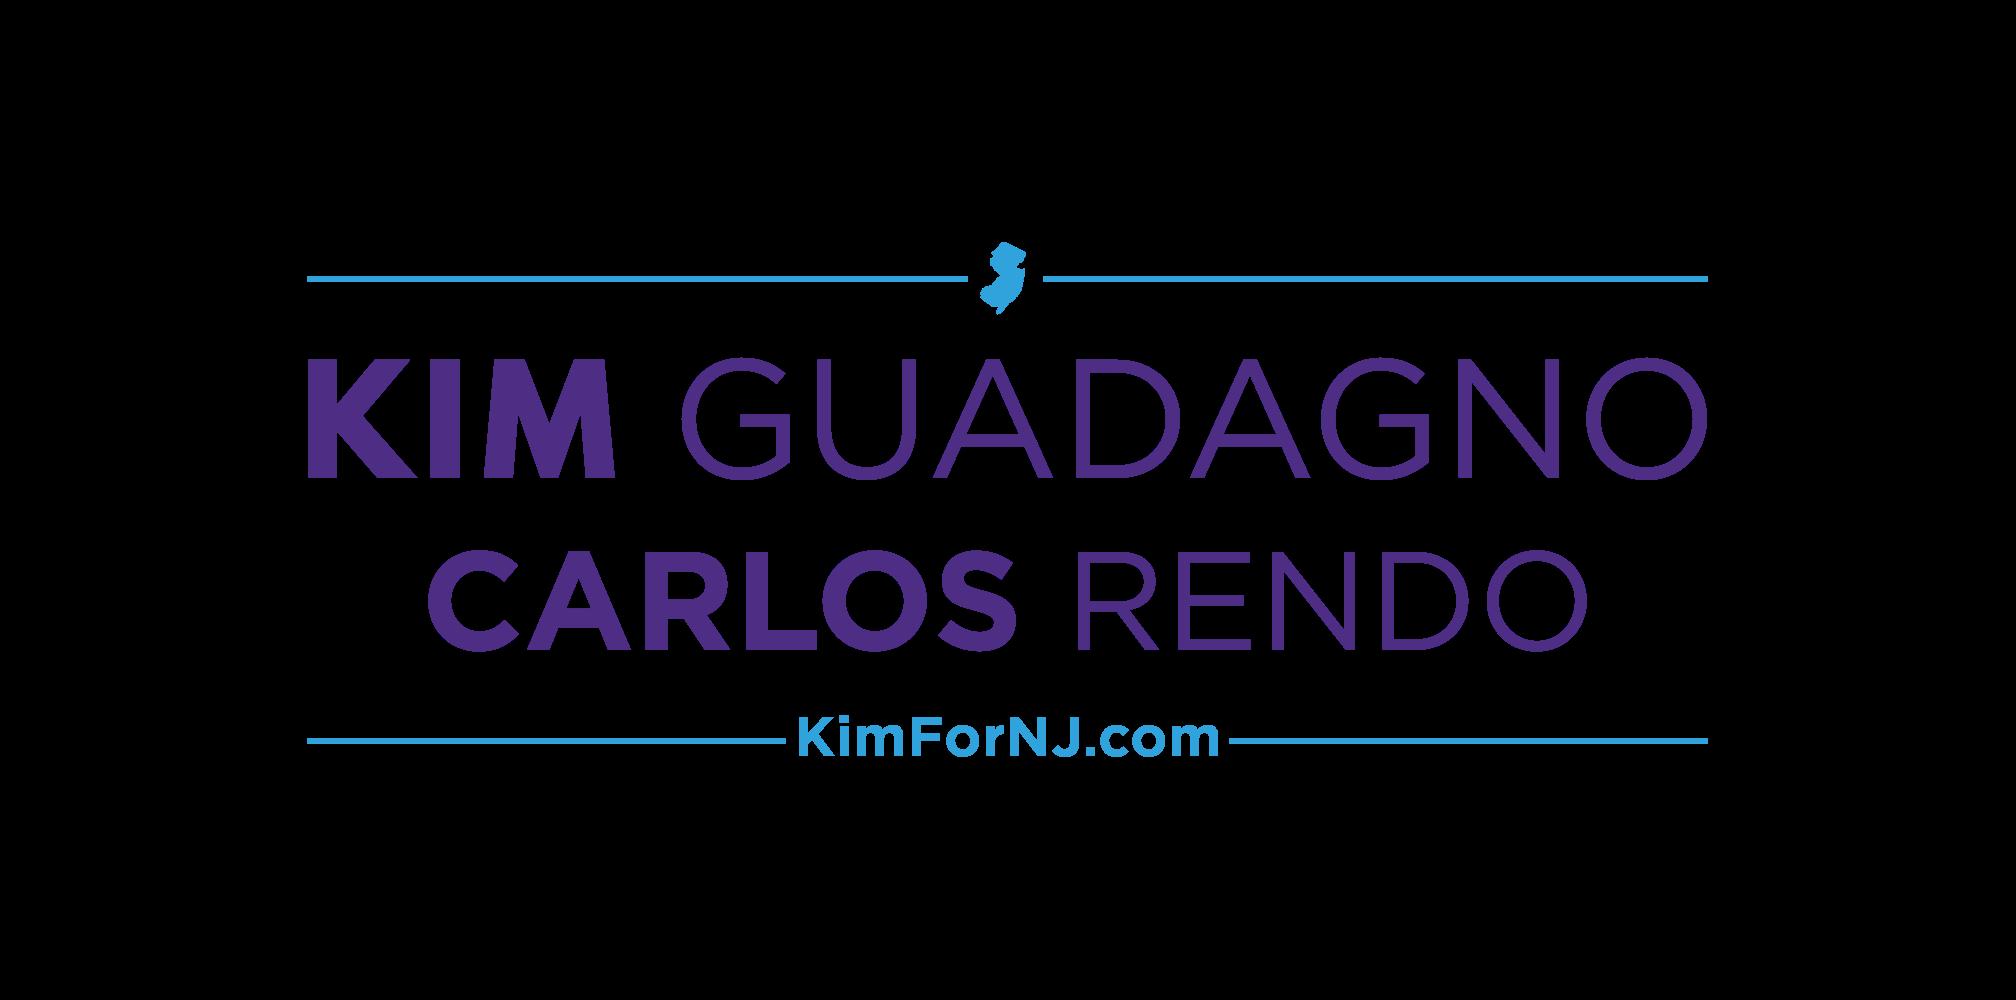 Guadagno for Governor